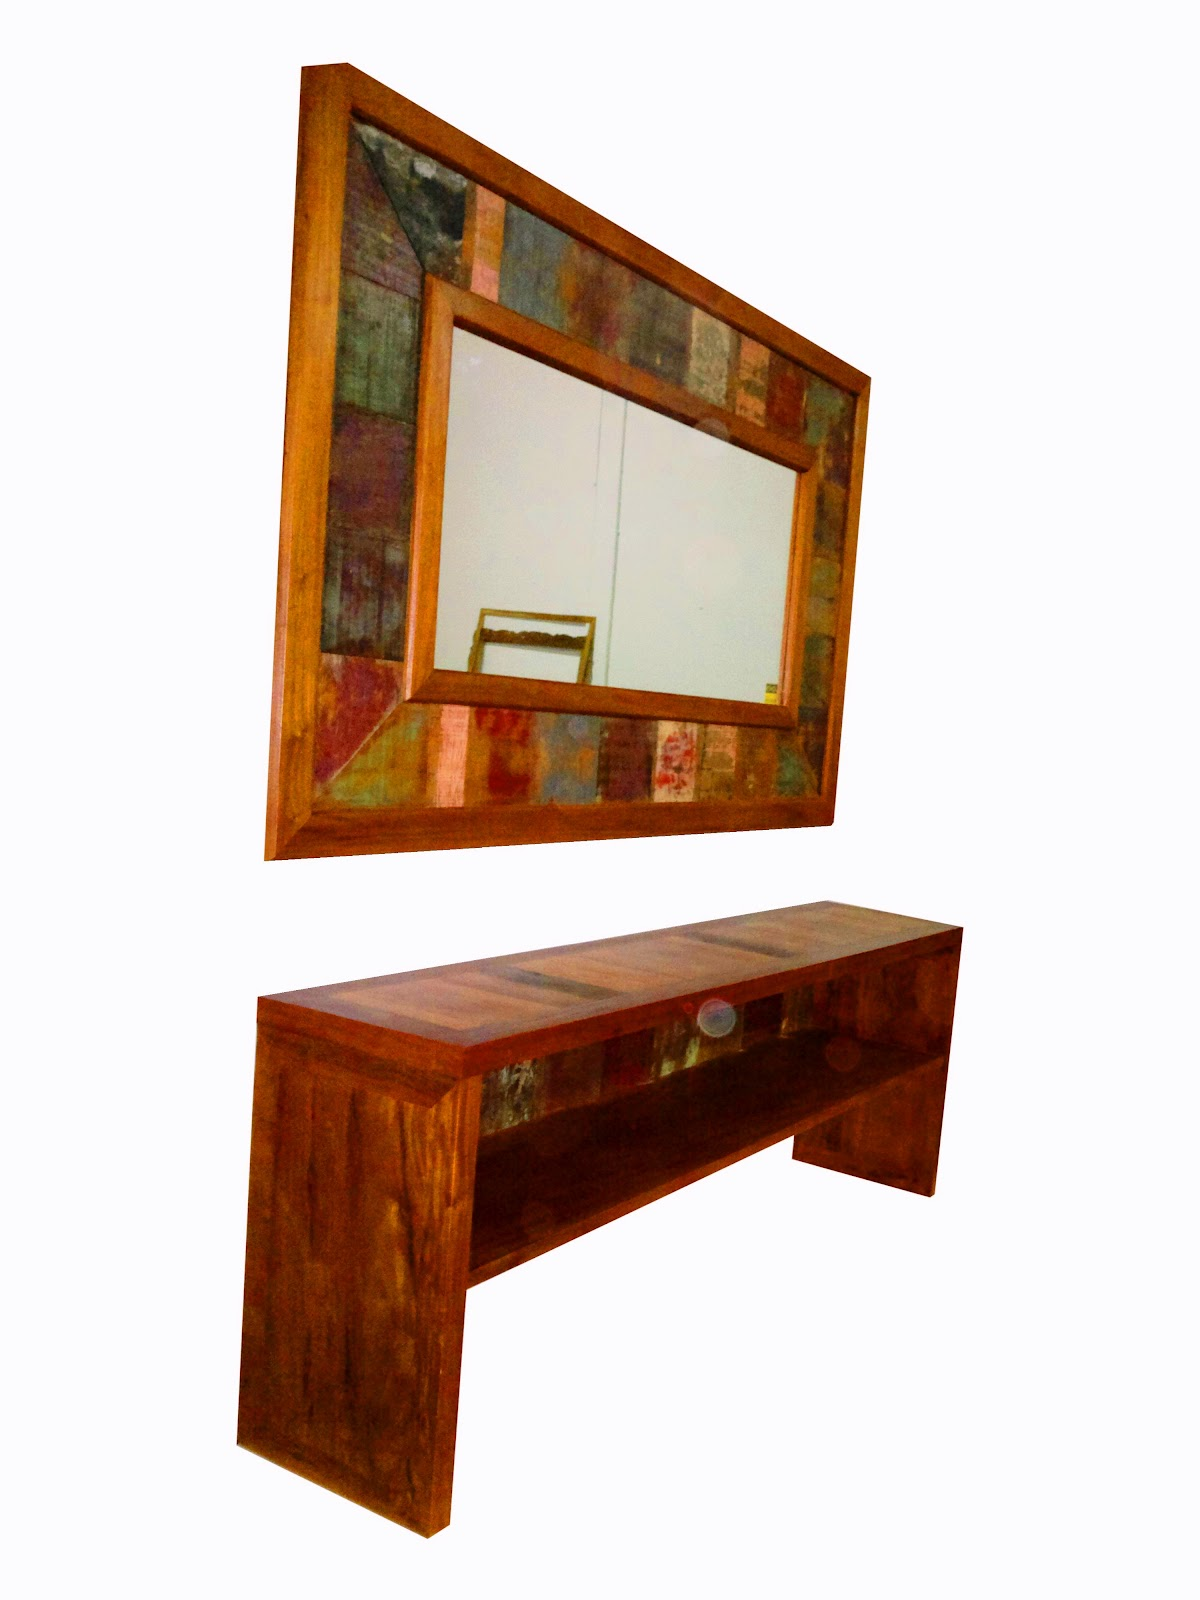 Fábrica de Móveis São Carlos: Móveis em madeira de Demolição #B24C06 1200x1600